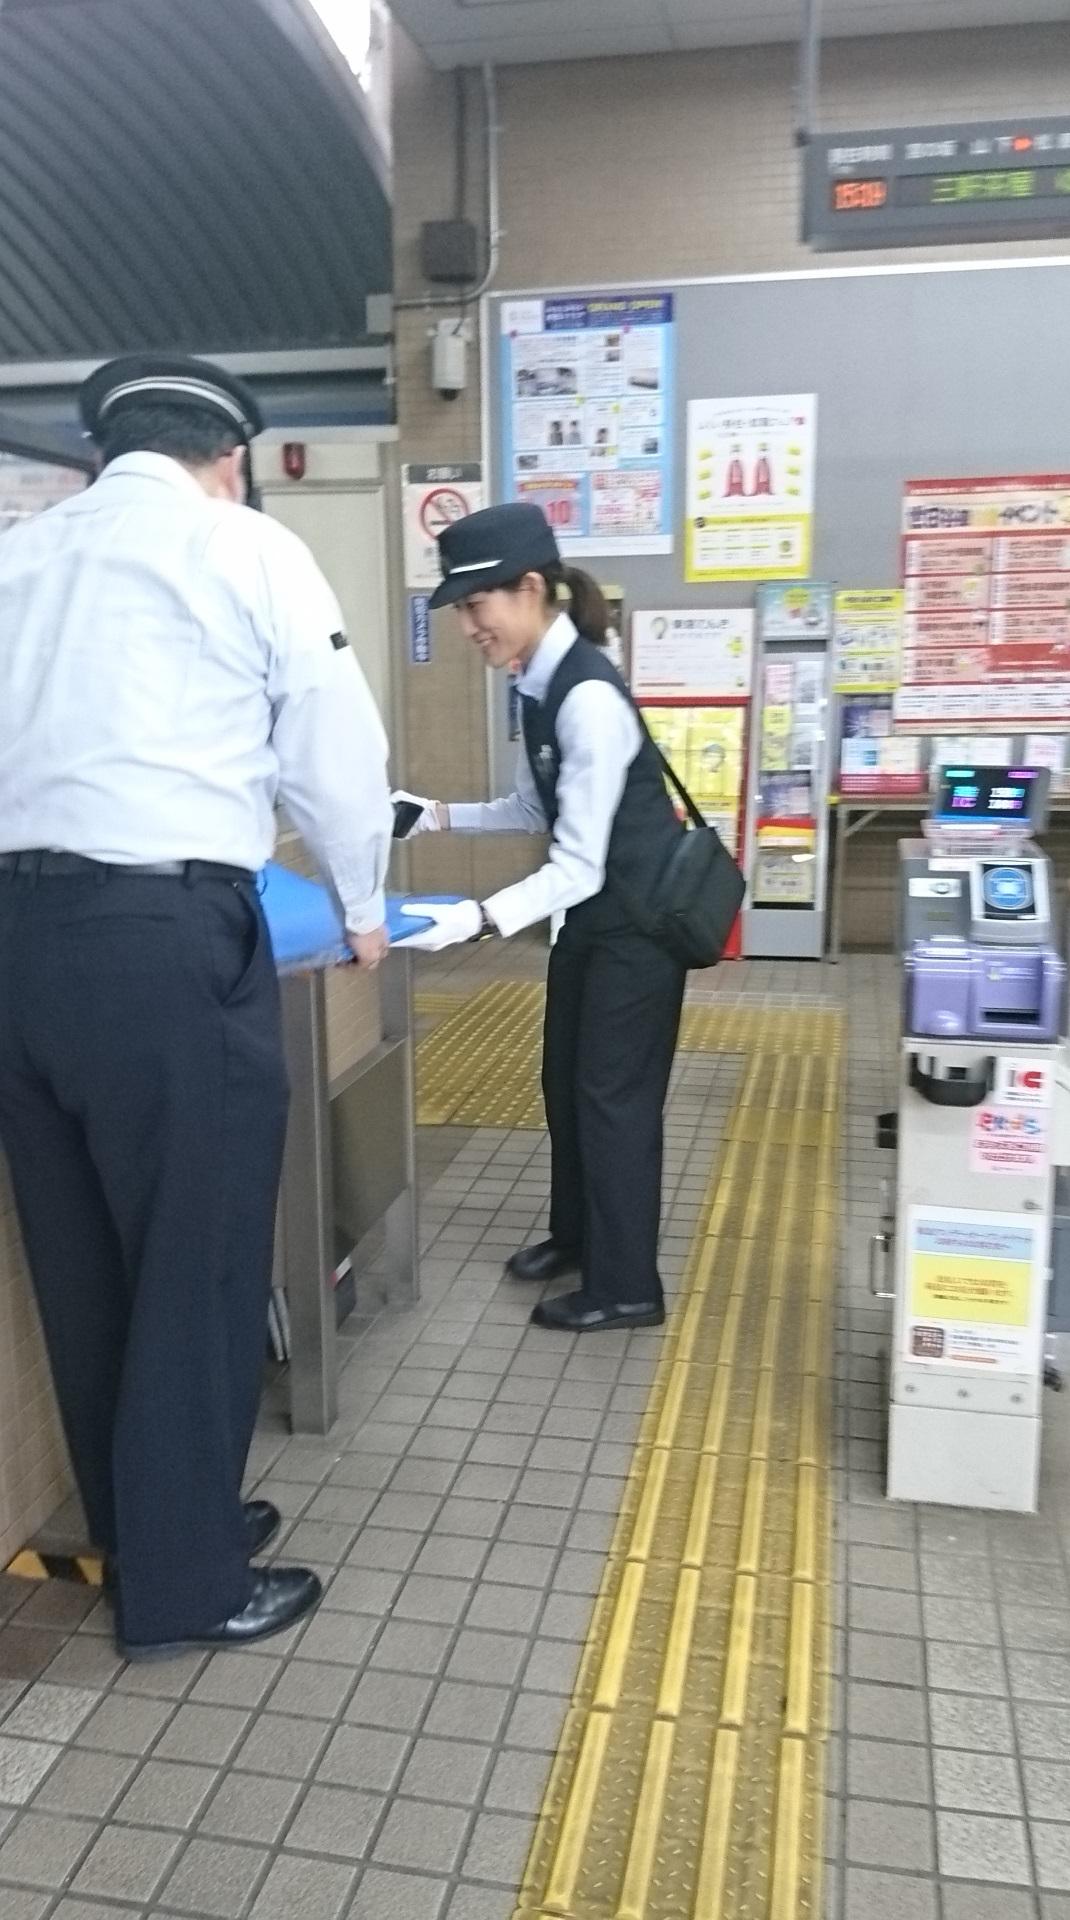 2017.10.12 東京 (137) 下高井戸 - かいさつ 1070-1920